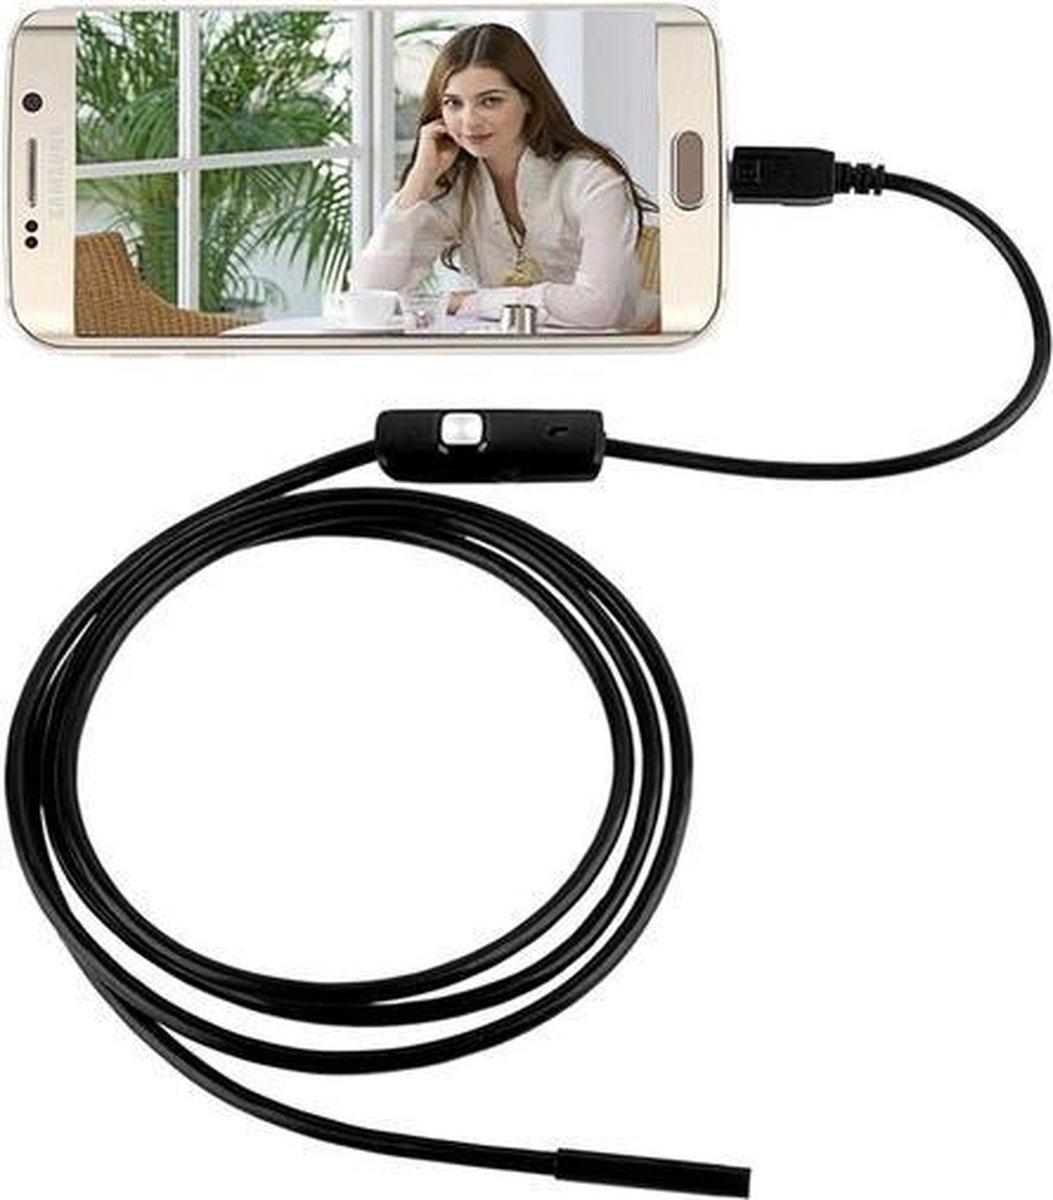 RRJ Endoscoop 2 meter - LED -  5mm / 7mm kop - Niet geschikt voor Iphone en IOS - RRJ